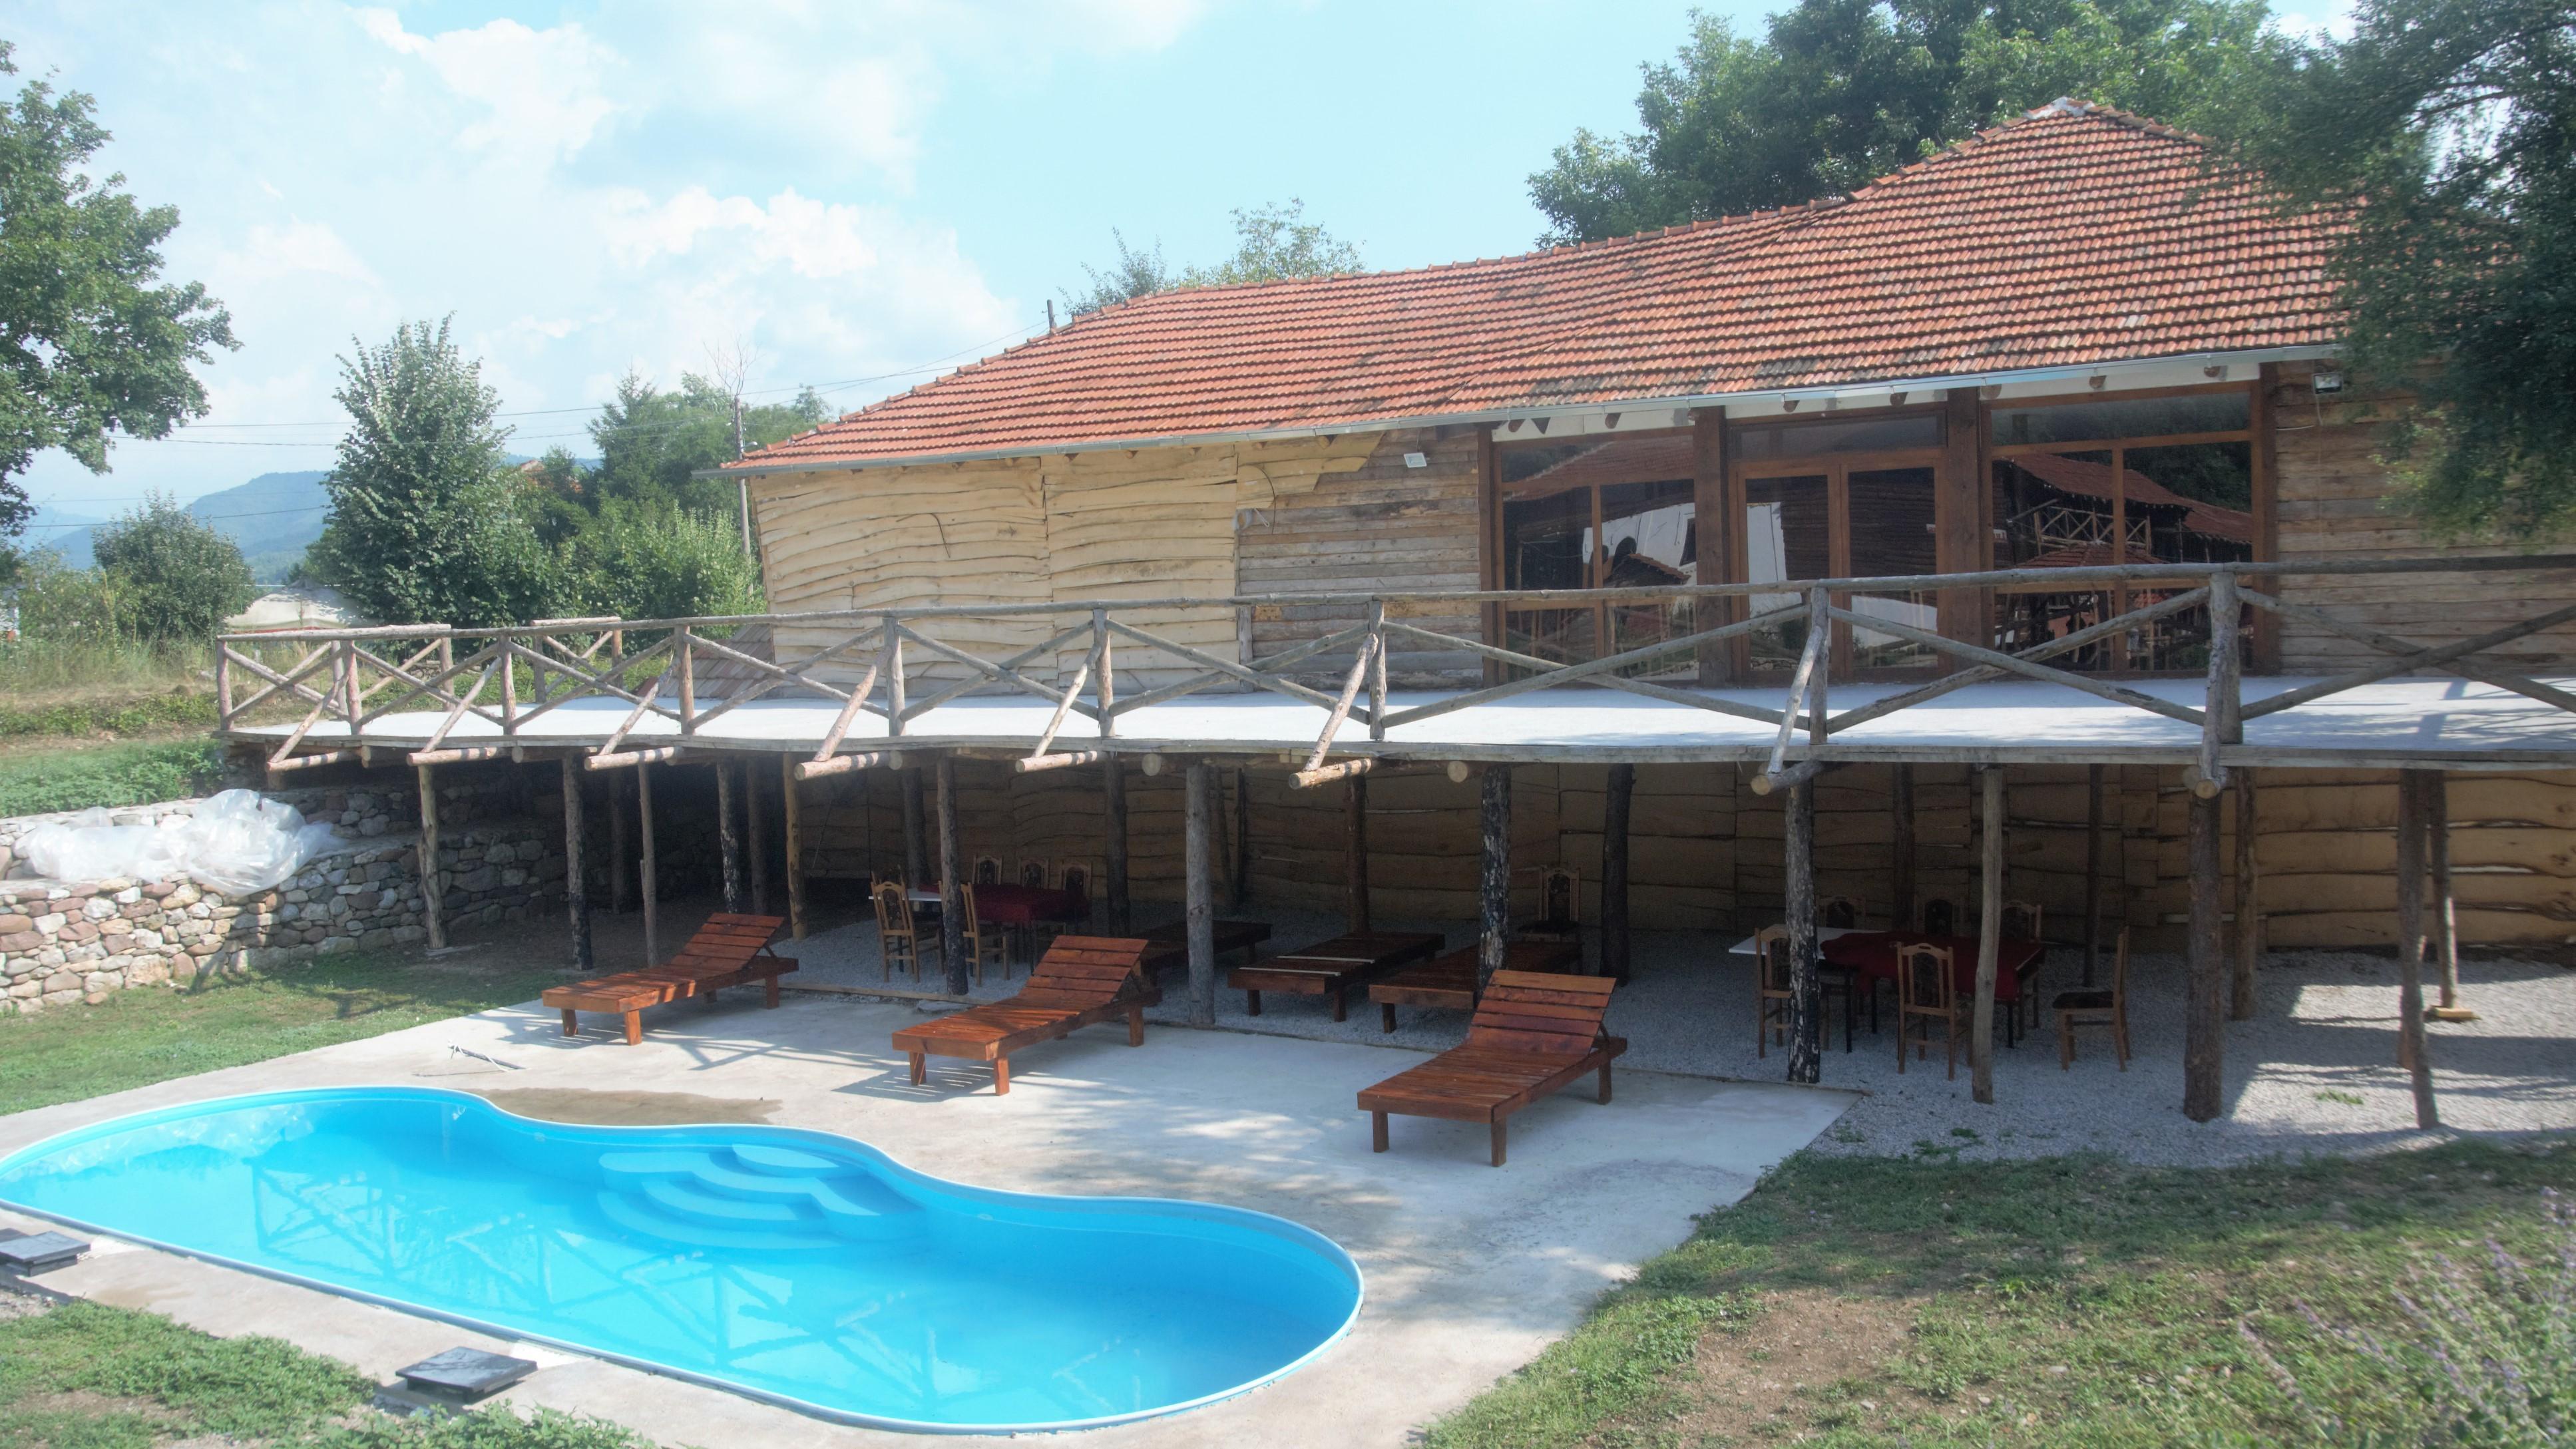 etno_restoran_lezaljke_i_bazen_etno_selo_stara_planina